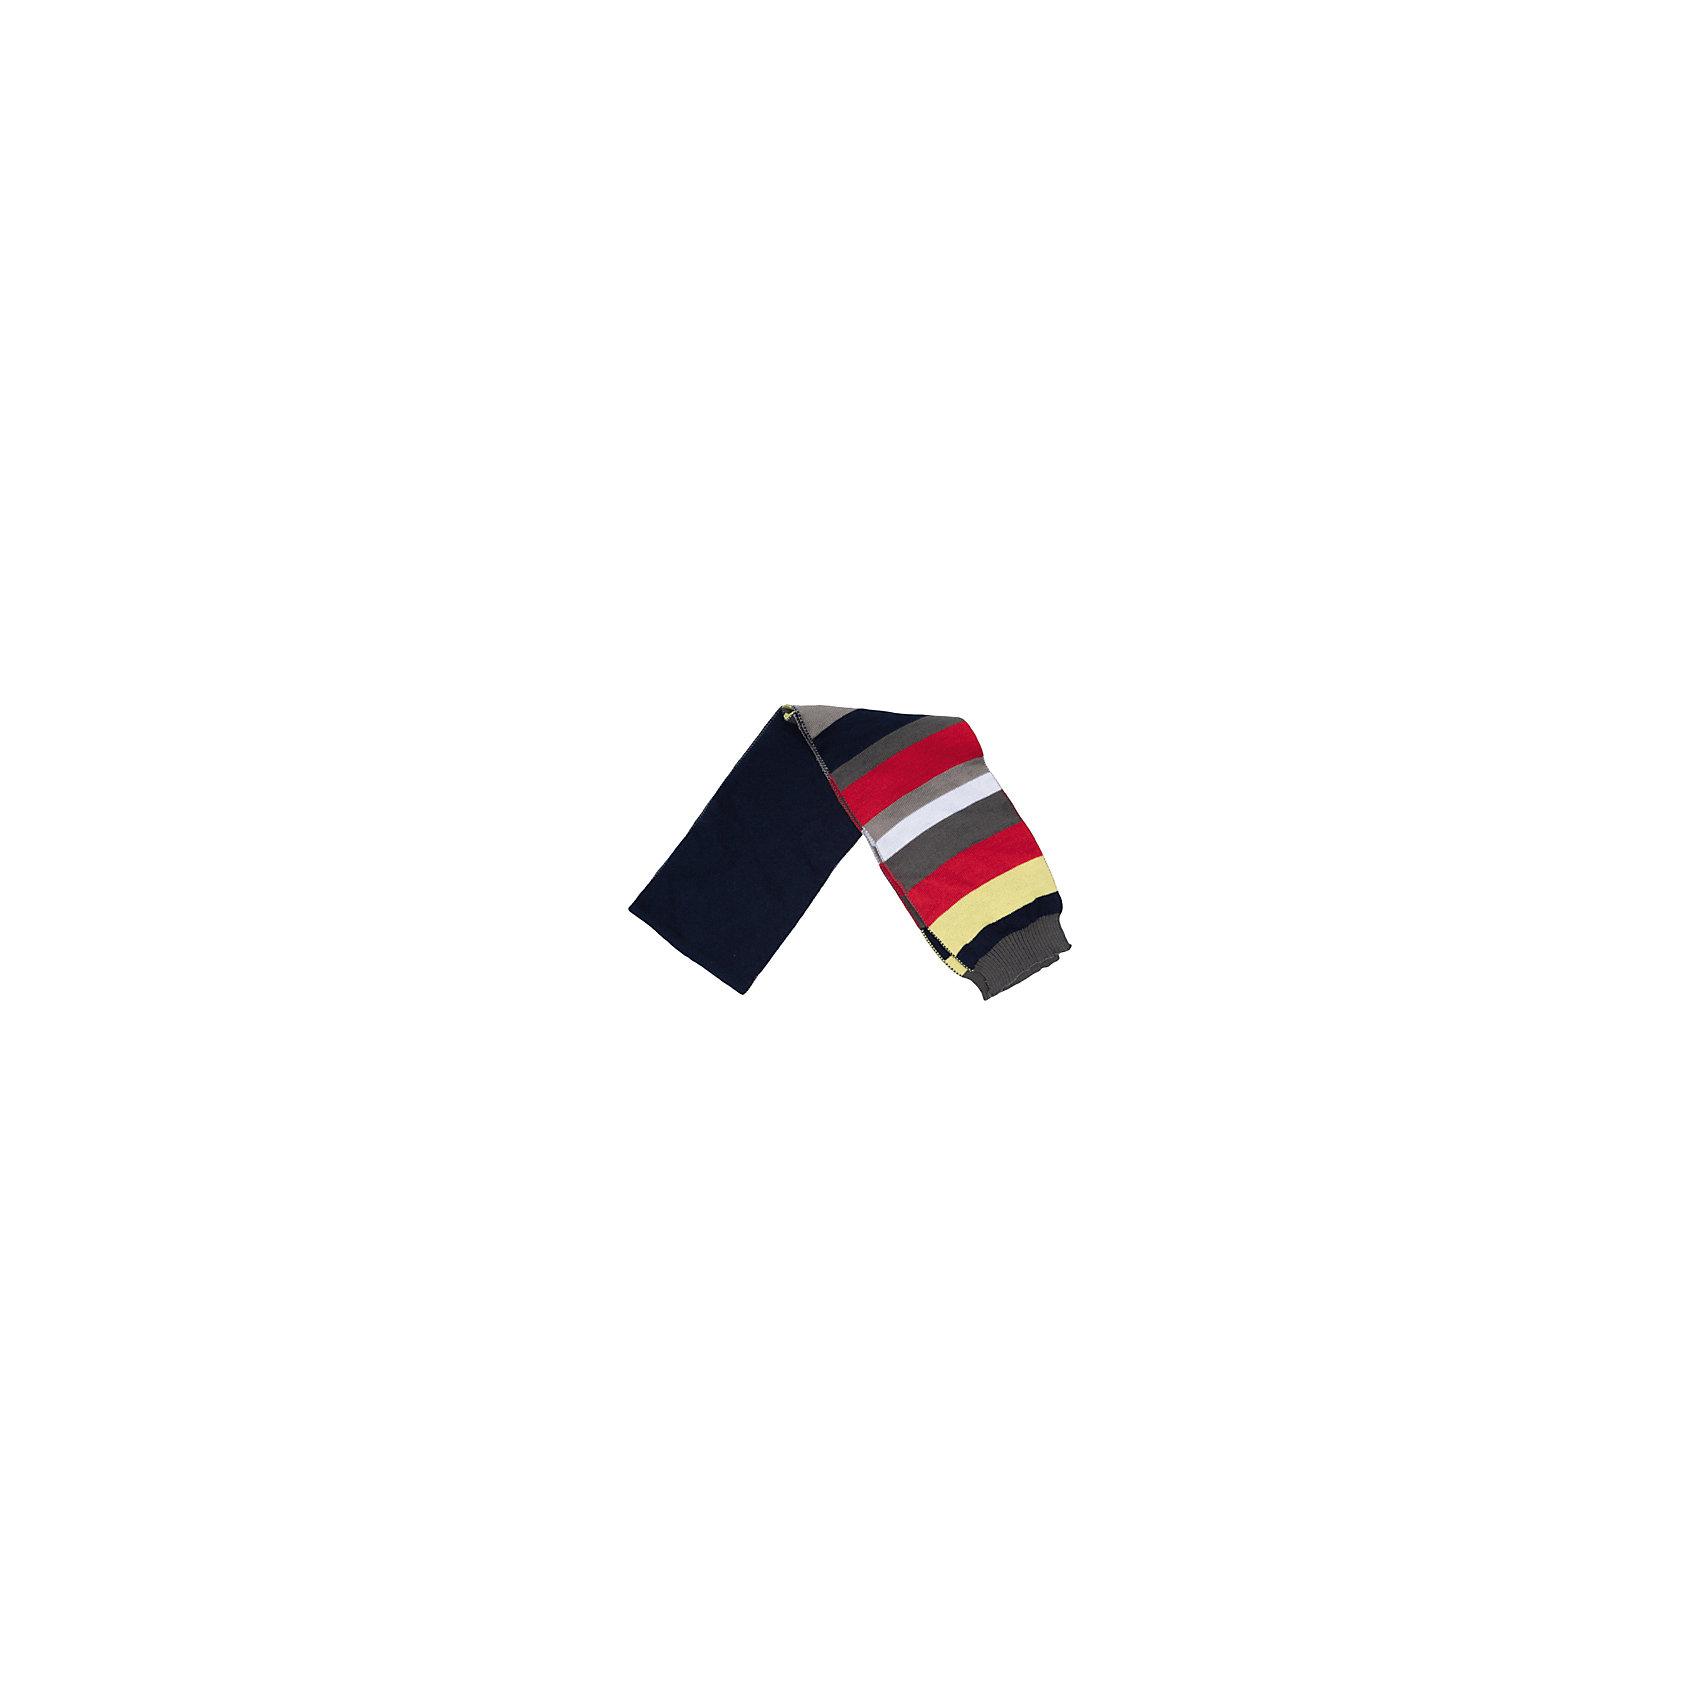 Шарф для мальчика PlayTodayШарф для мальчика от известного бренда PlayToday.<br>Уютный вязаный шарф с яркими полосками. Дополнит стильный образ и надежно защитит от ветра.<br>Состав:<br>100% акрил<br><br>Ширина мм: 88<br>Глубина мм: 155<br>Высота мм: 26<br>Вес г: 106<br>Цвет: разноцветный<br>Возраст от месяцев: 36<br>Возраст до месяцев: 96<br>Пол: Мужской<br>Возраст: Детский<br>Размер: one size<br>SKU: 4896691